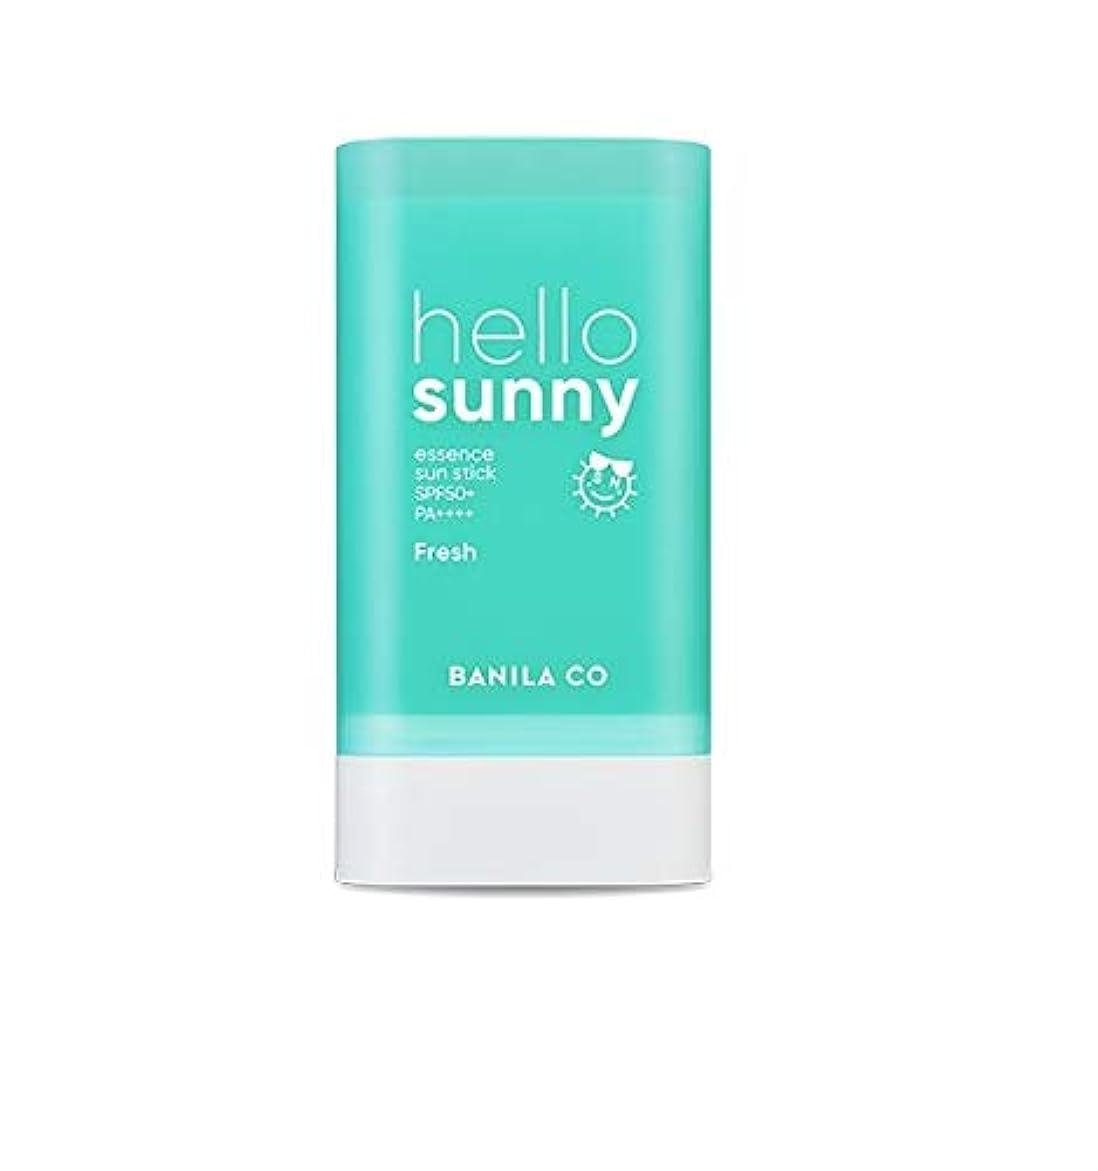 自我口述するナイロンbanilaco ハローサニーエッセンスサンスティックフレッシュ/Hello Sunny Essence SunStick Fresh 18.5g [並行輸入品]